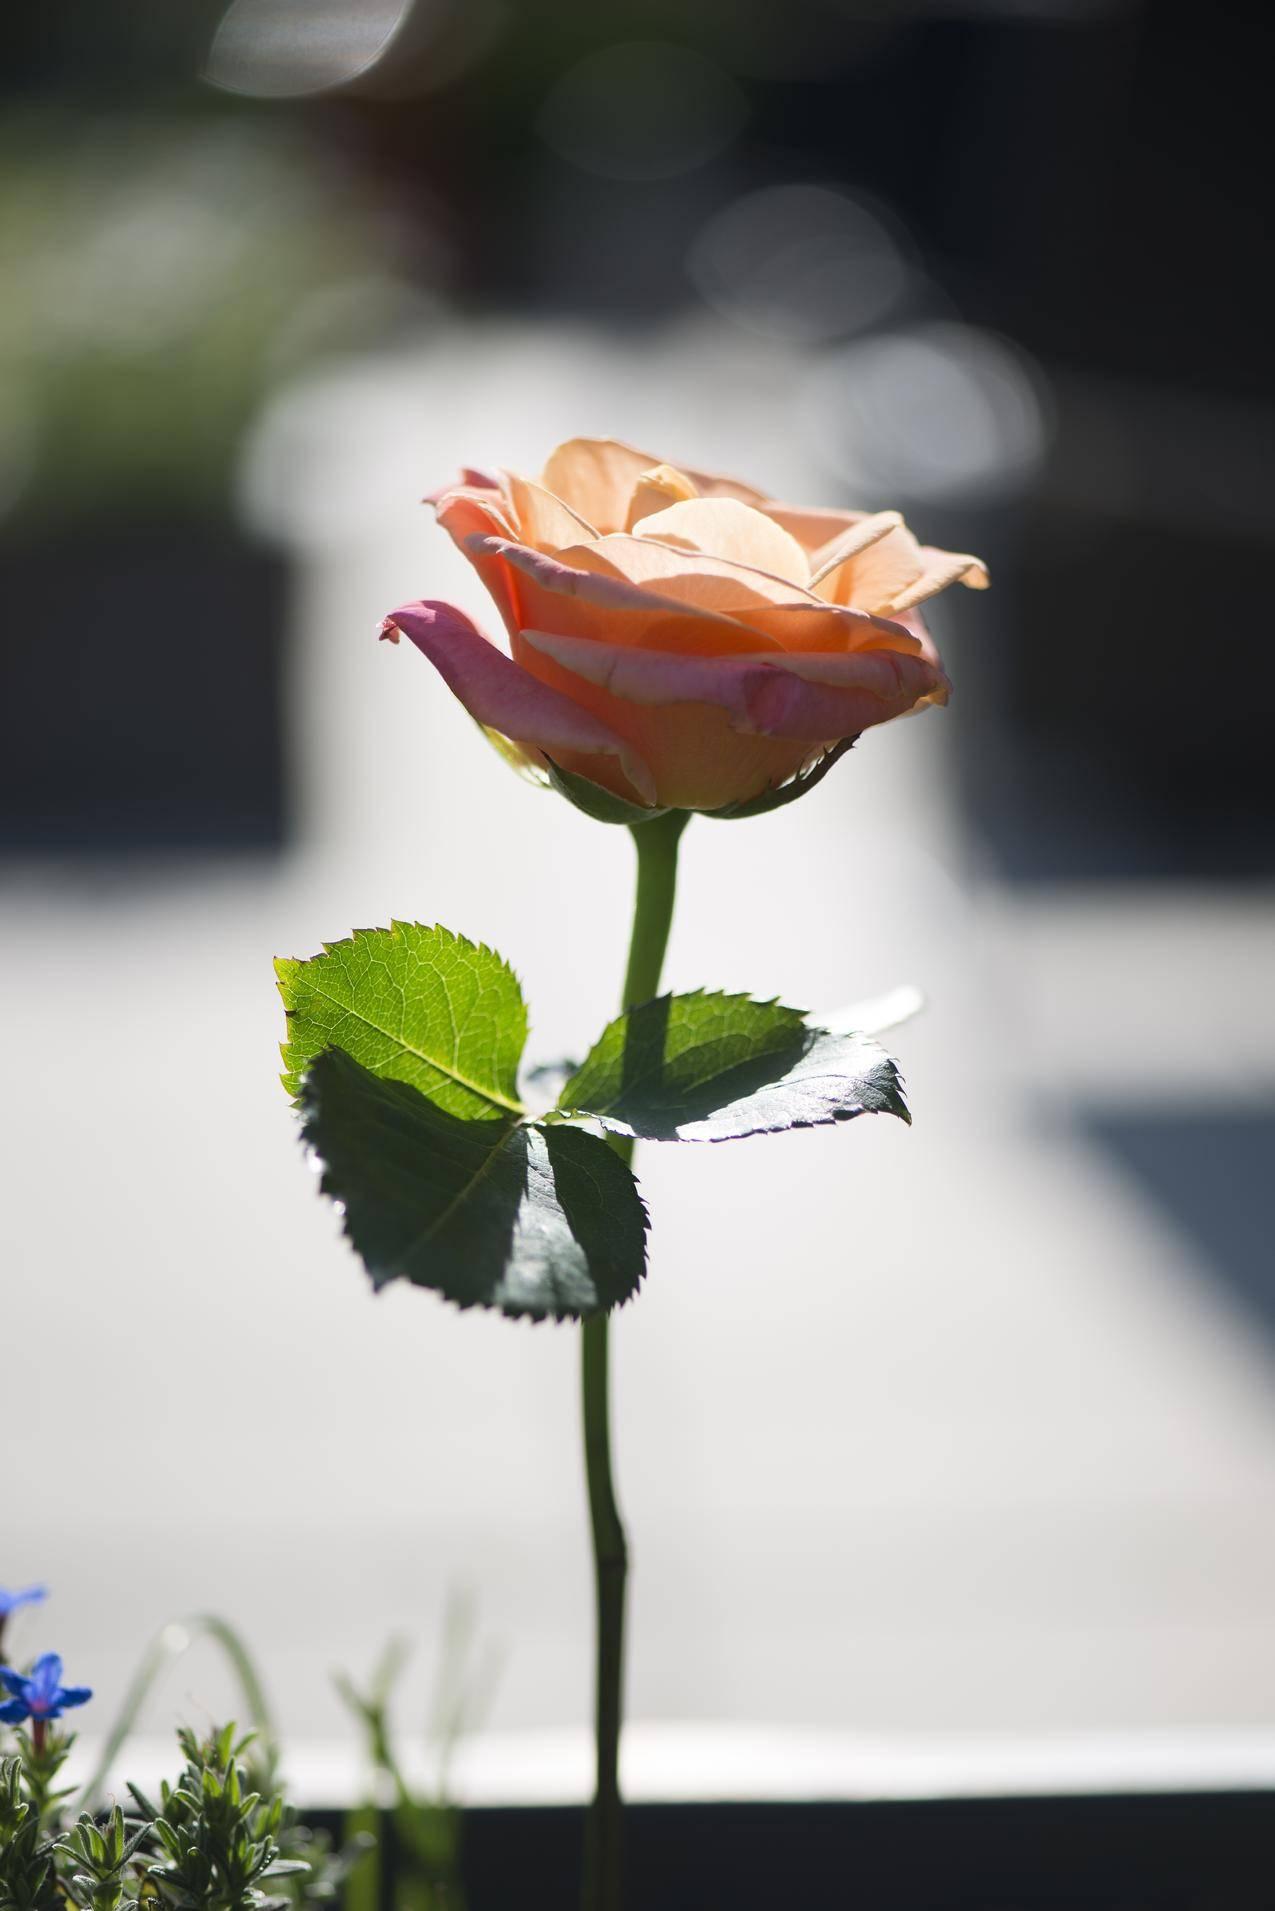 一朵玫瑰花4k图片